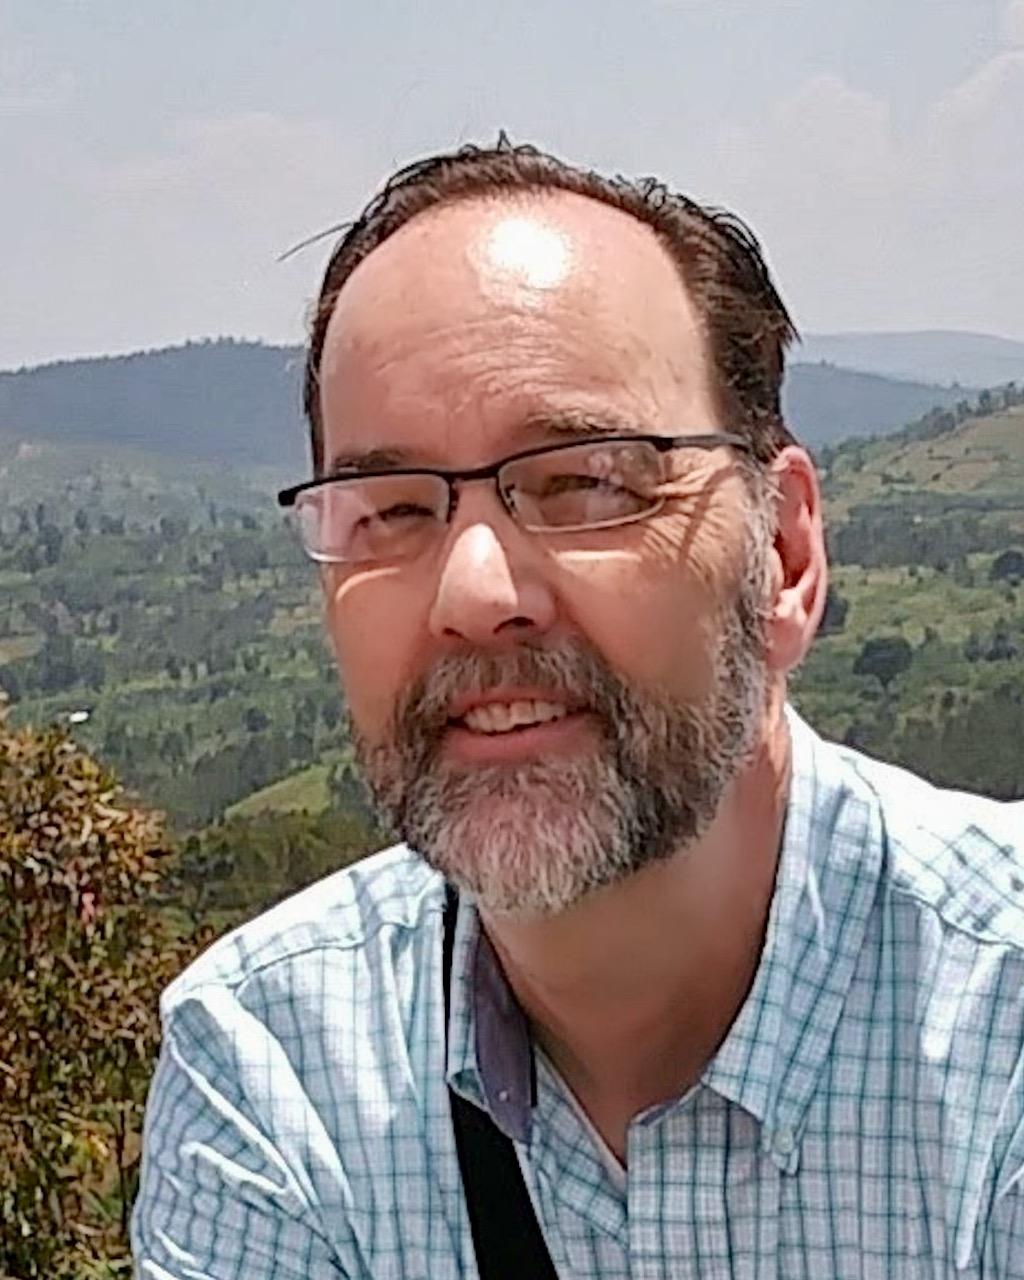 John G. Brace